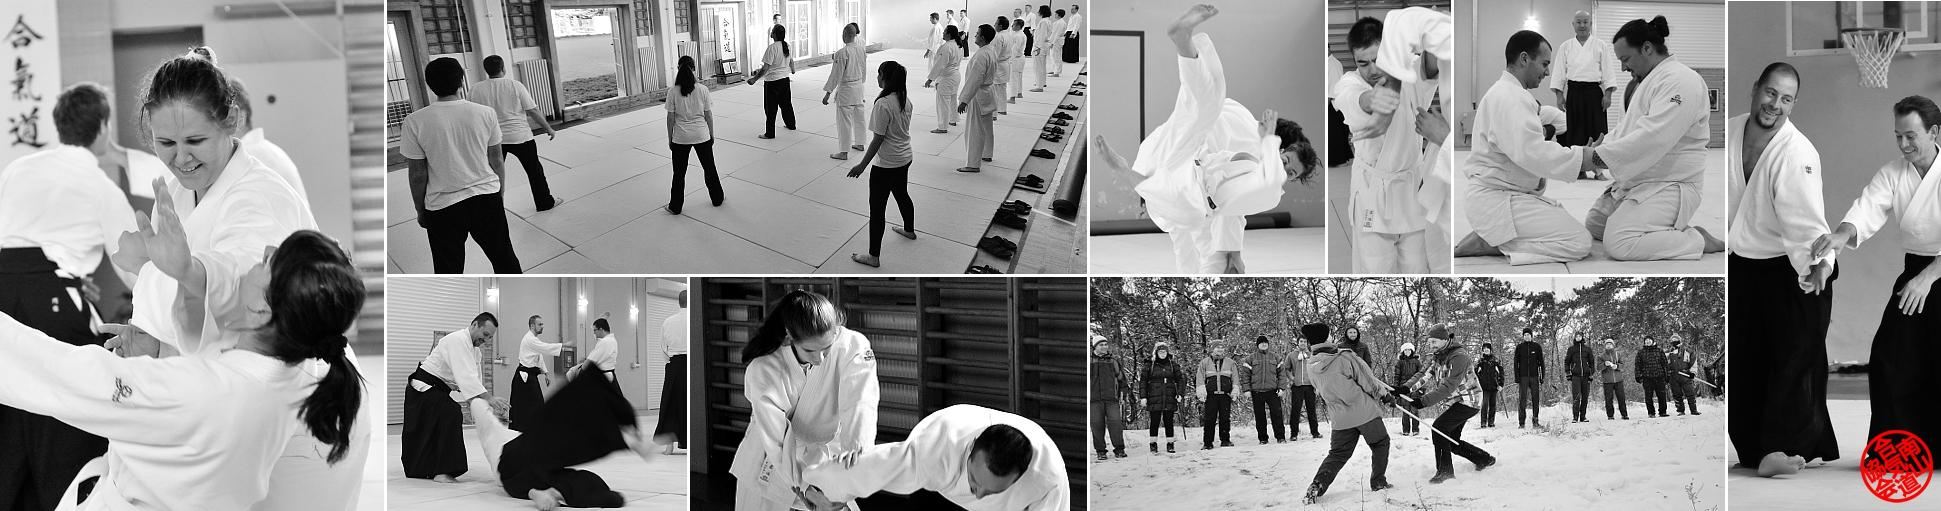 Csatlakozz remek hangulatú csapatunkhoz, próbáld ki az aikidót egy hónapig ingyen! 2016 első hónapjaiban kezdőcsoportot indítunk, várunk minden érdeklődőt. Részletek itt.